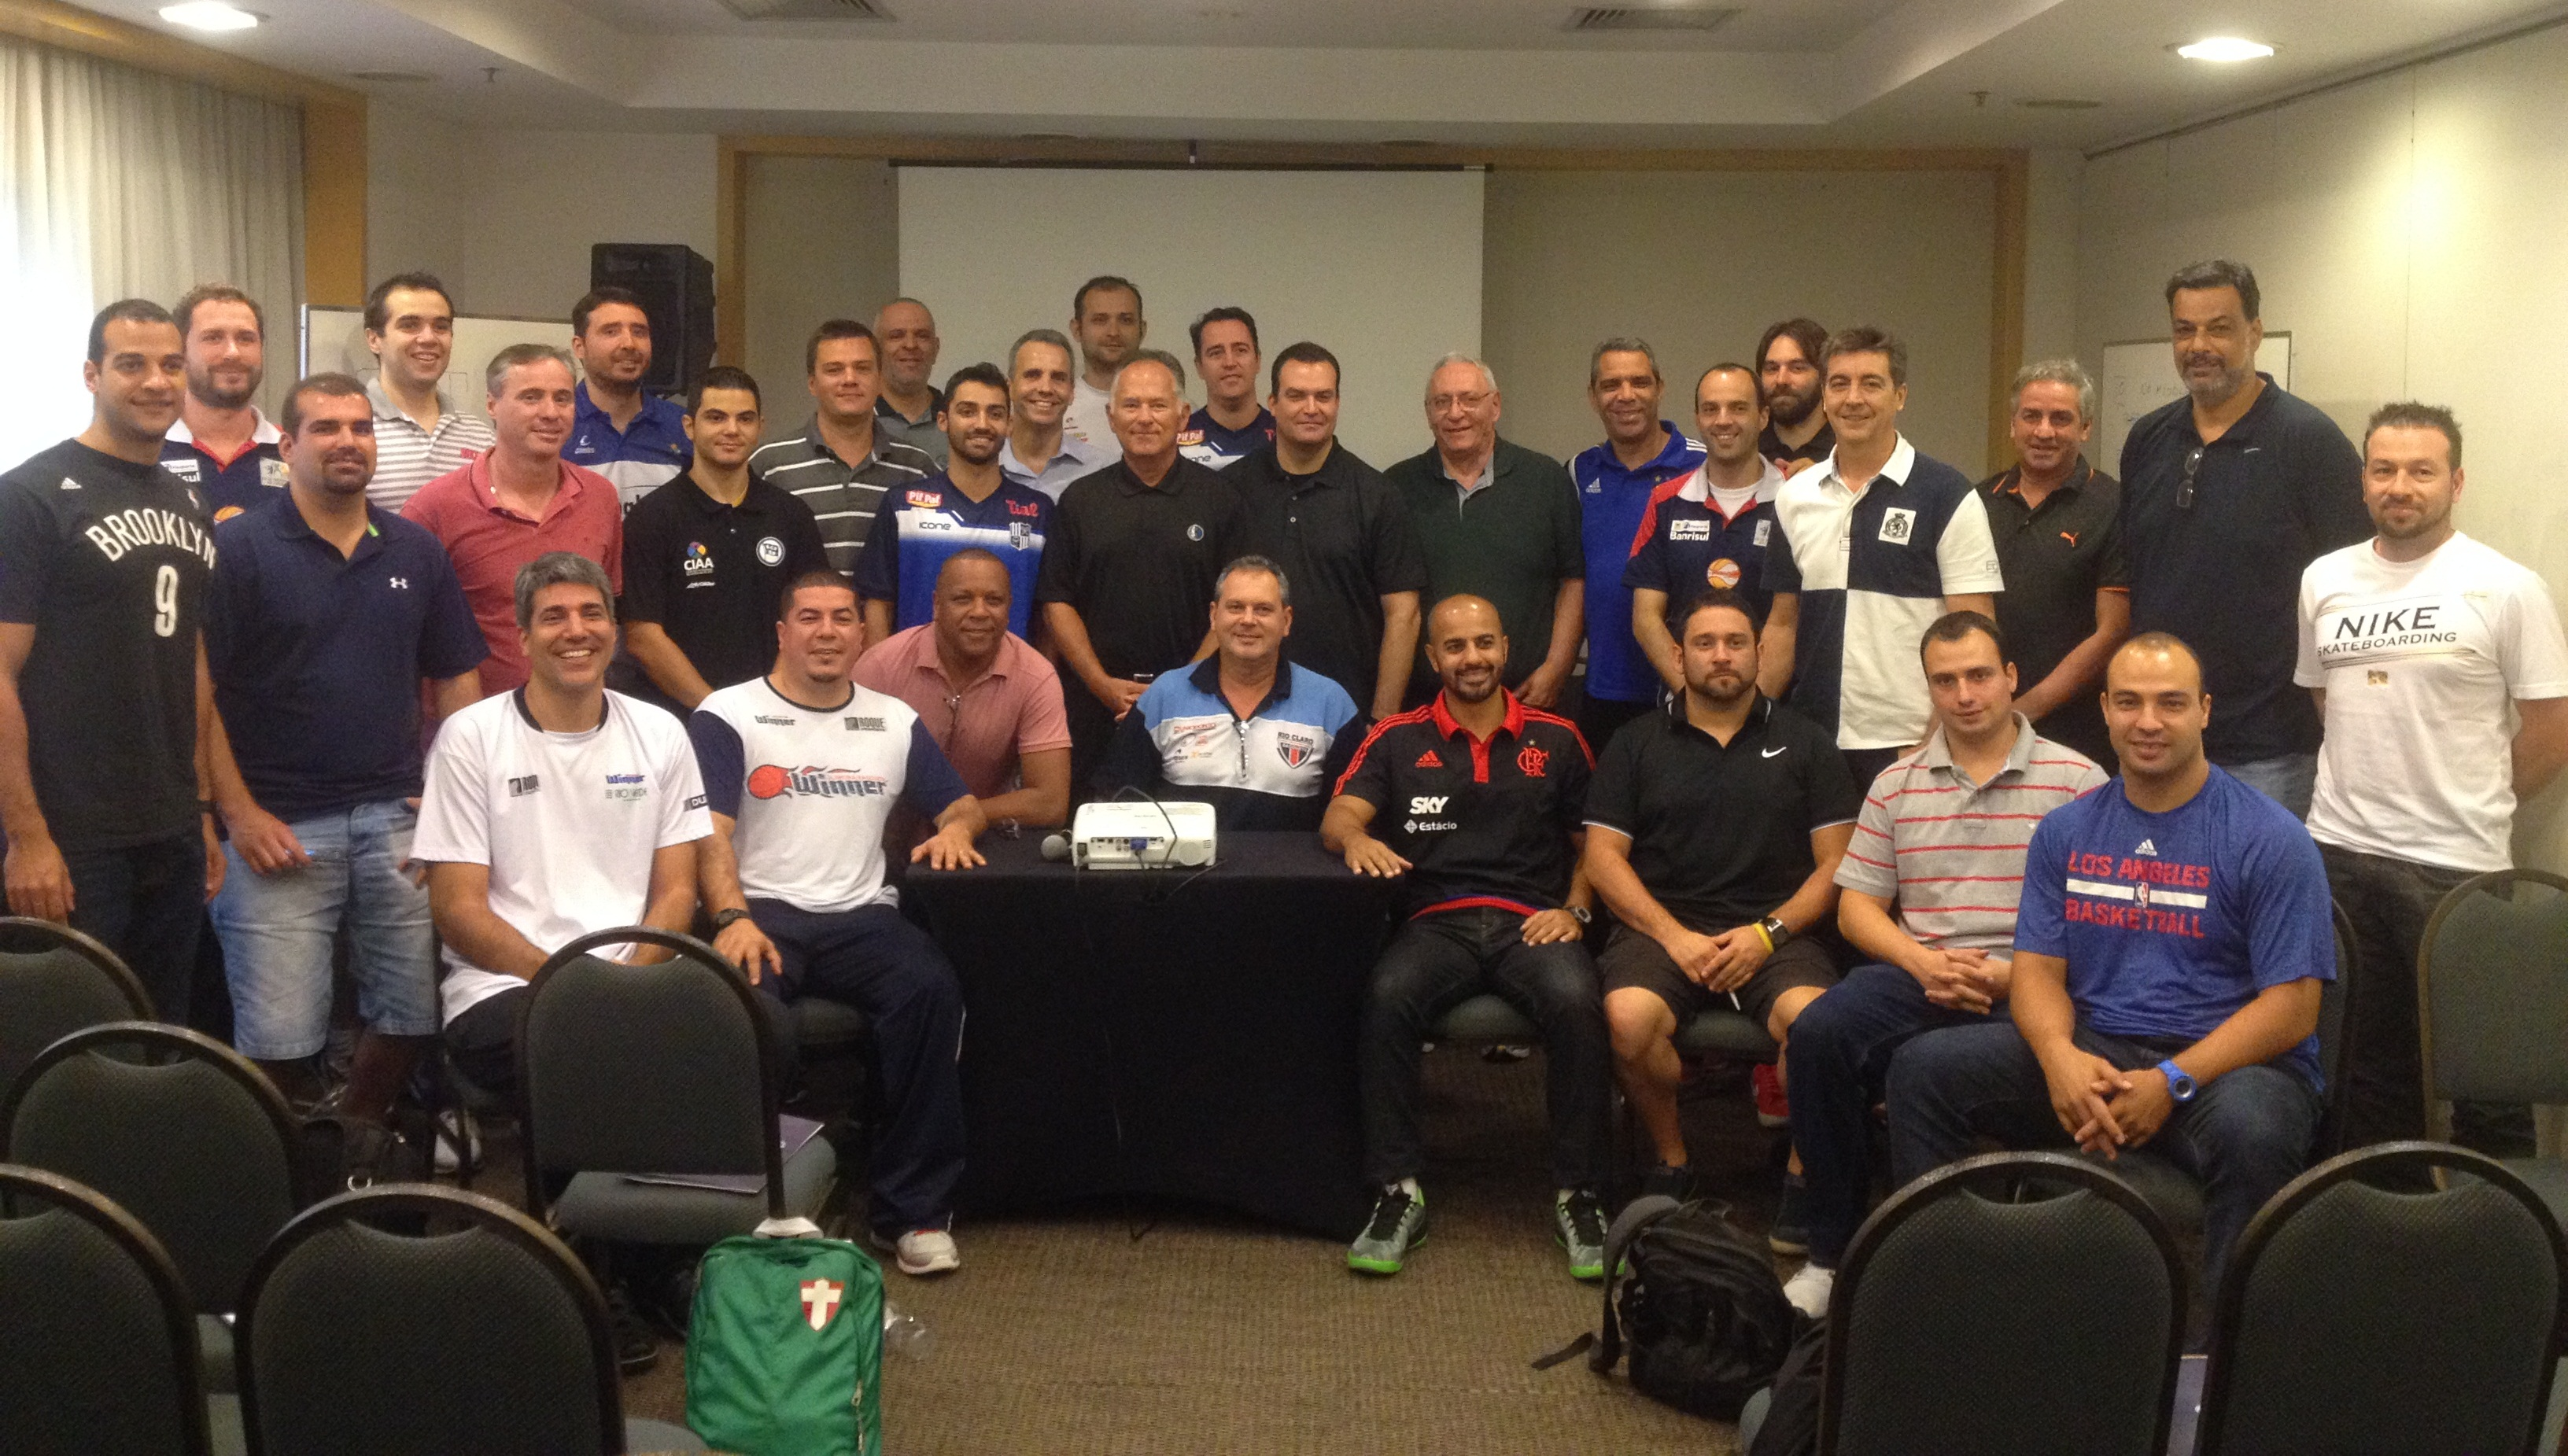 Congresso técnico foi realizado em São Paulo e contou com a presença de Jim O'Brien, ex-técnico de Celtics, 76ers e Pacers (Divulgação/LNB)